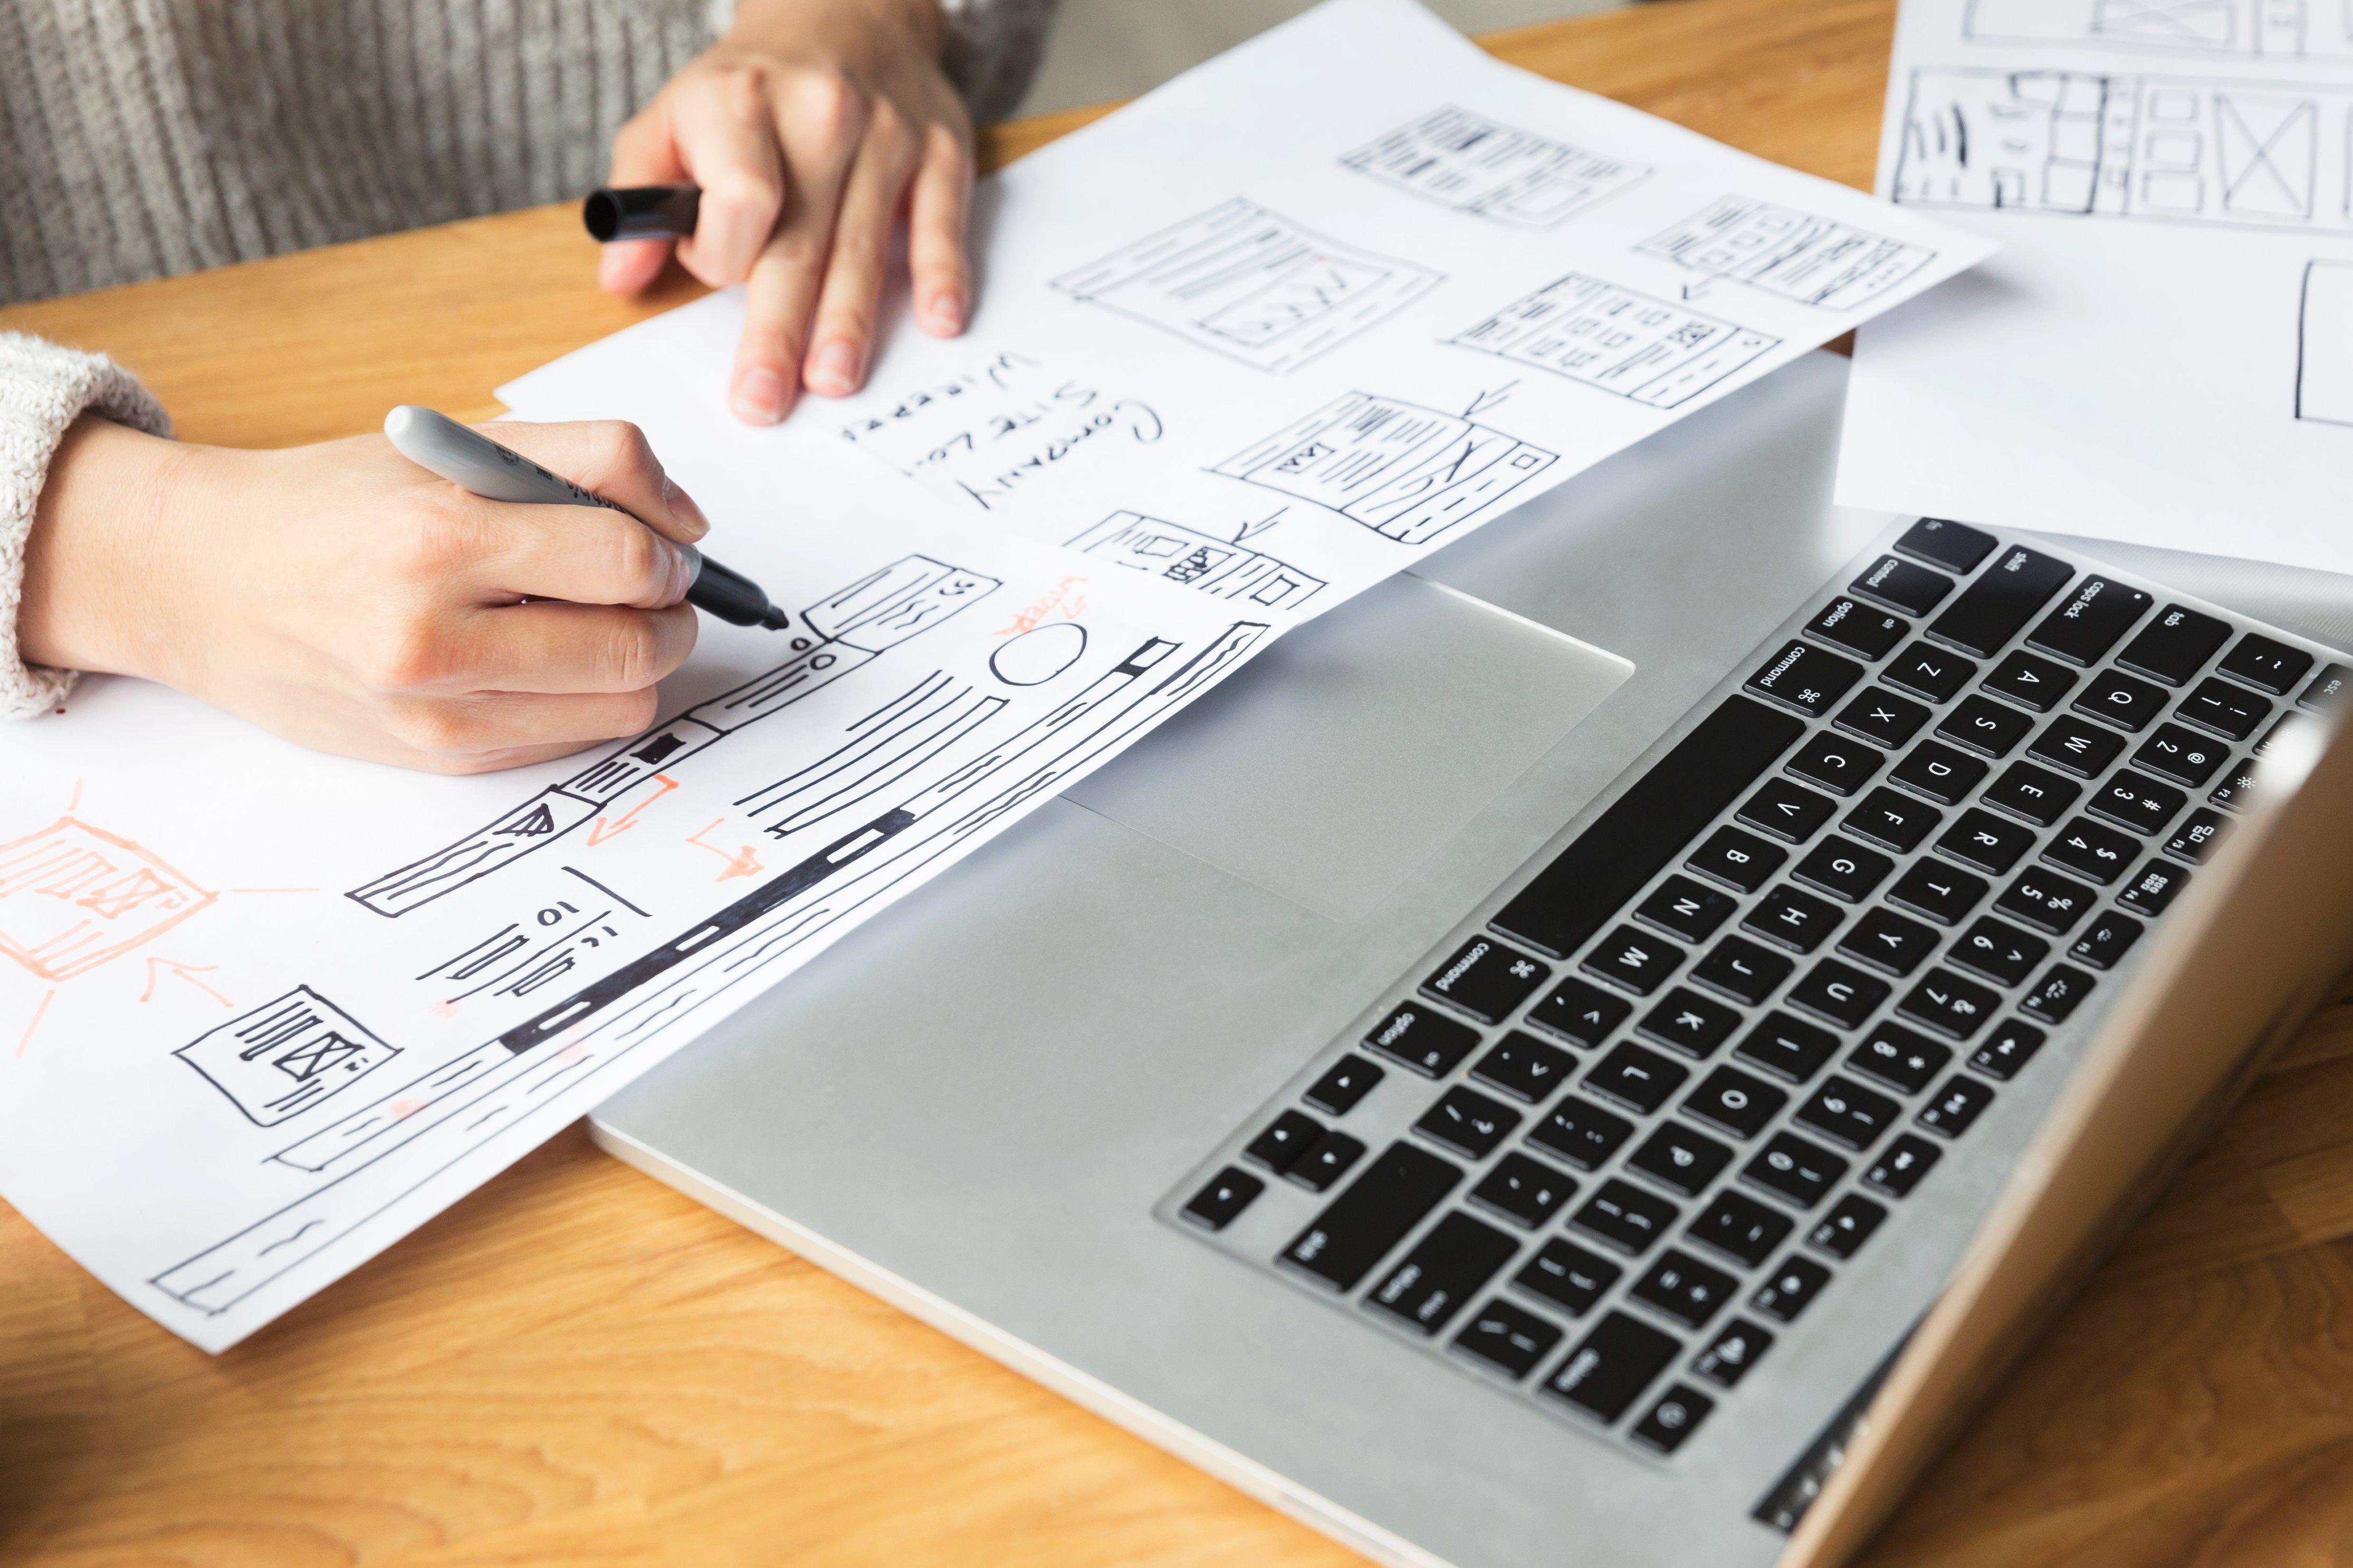 making notes-designer-drawing-